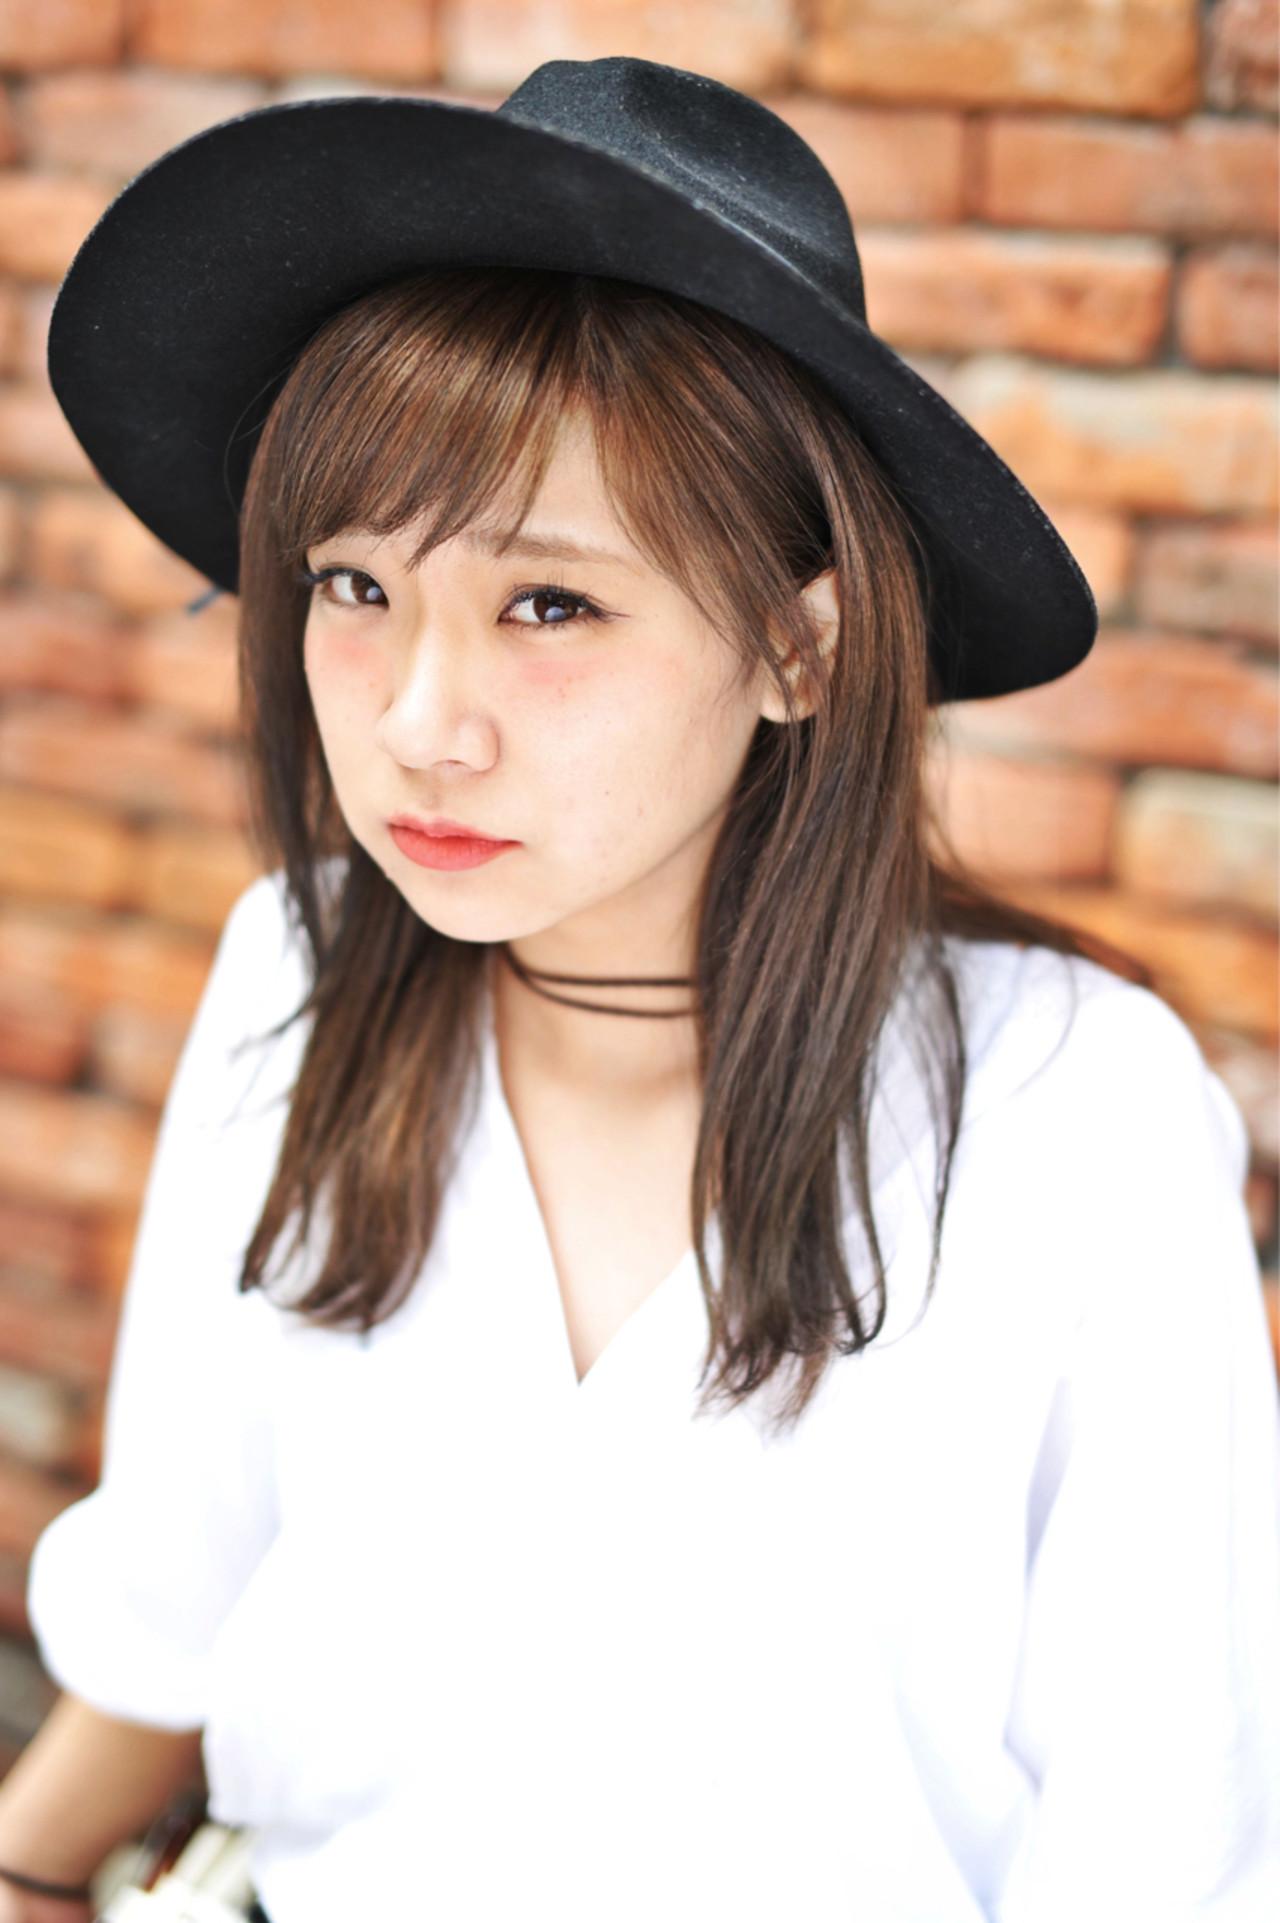 簡単ヘアアレンジ 色気 暗髪 ストリート ヘアスタイルや髪型の写真・画像 | 佐伯仁 / Cielo